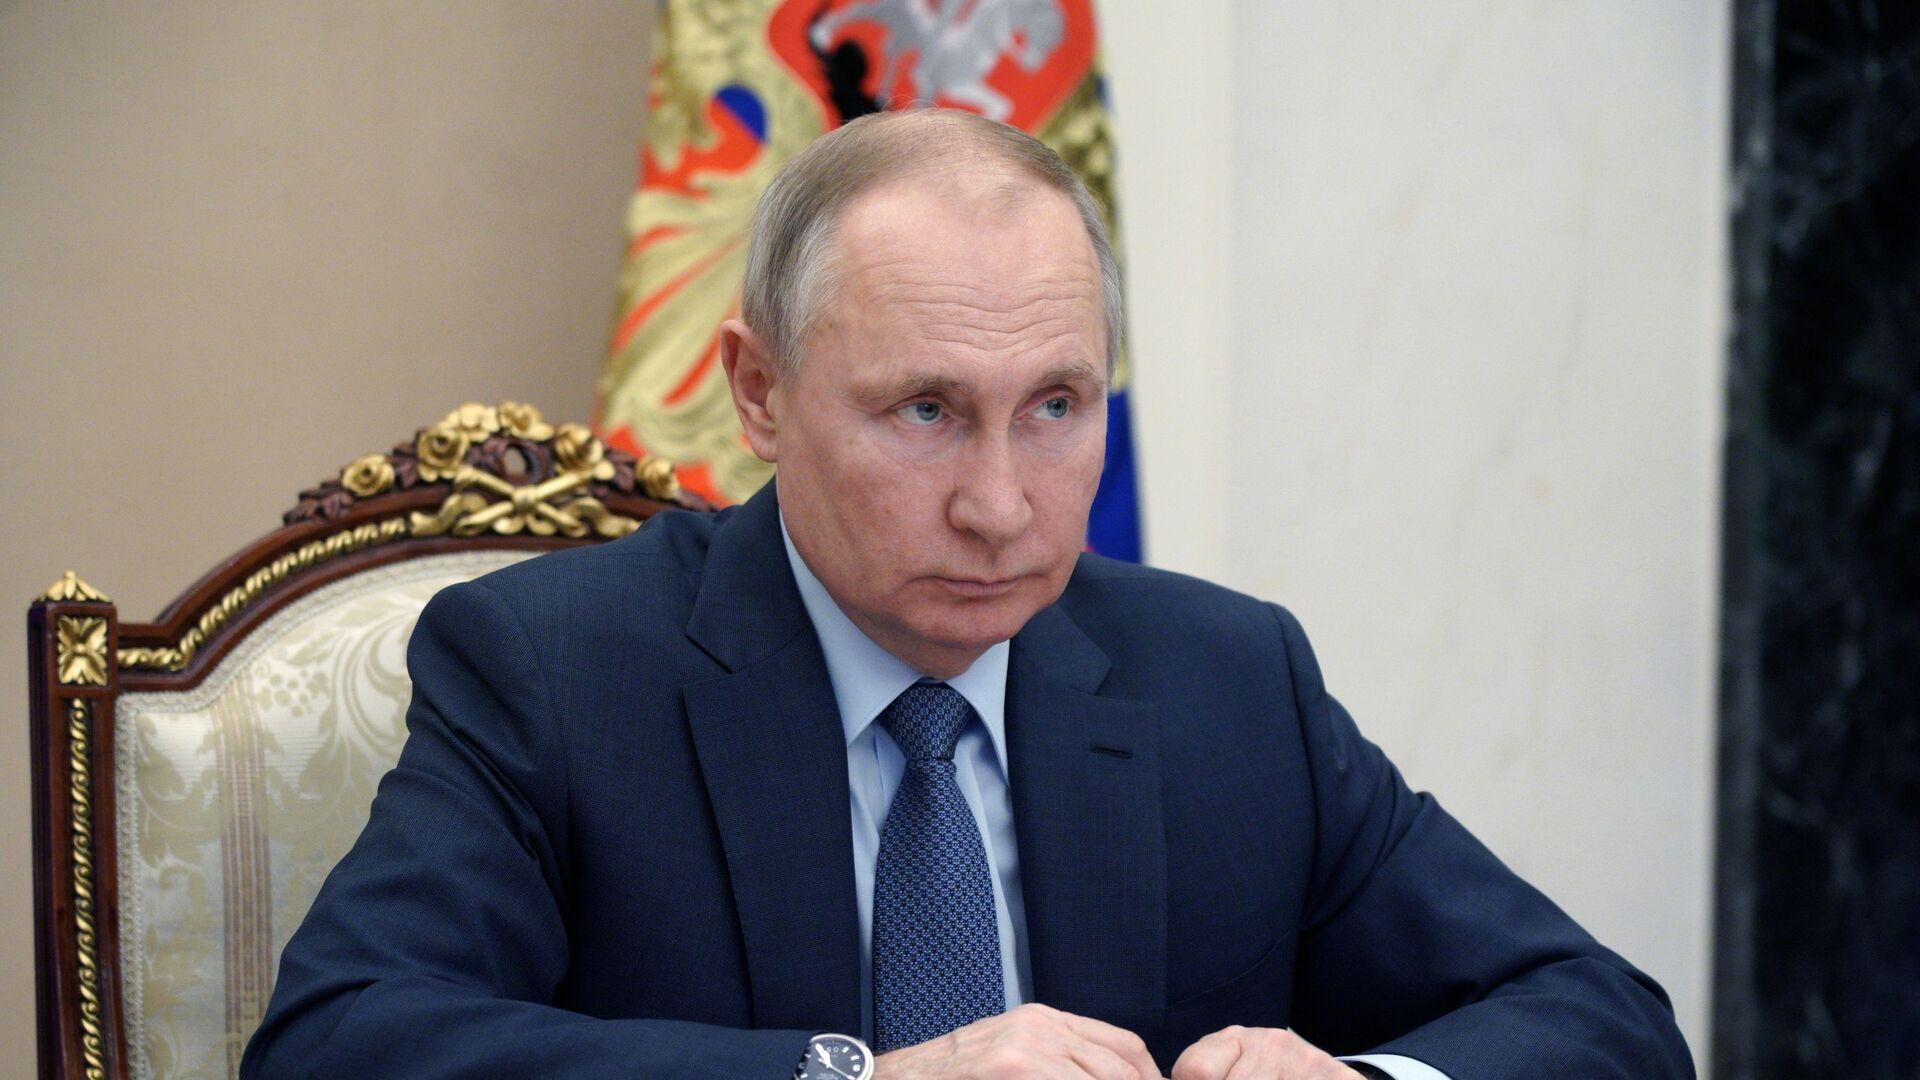 Владимир Путин на совещании с членами правительства РФ - Sputnik Česká republika, 1920, 29.04.2021